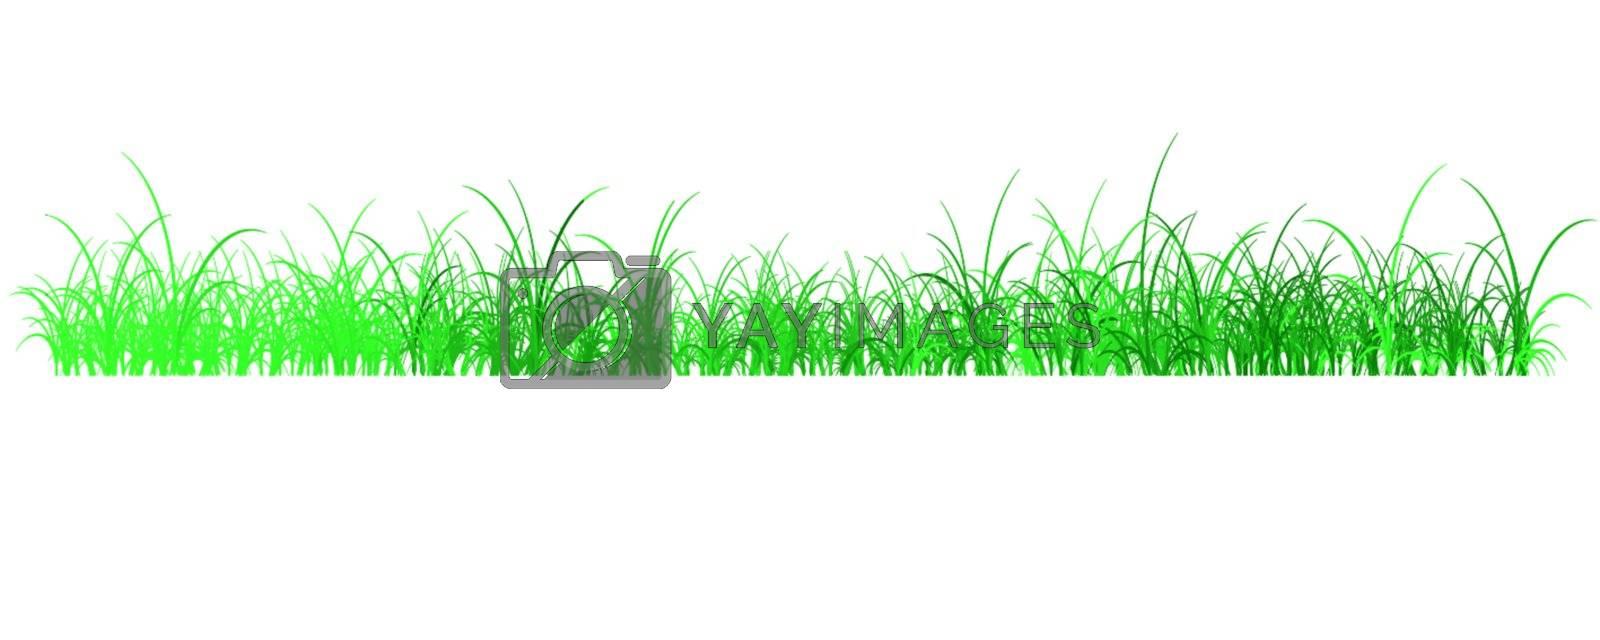 Vector illustration of grass field in spring